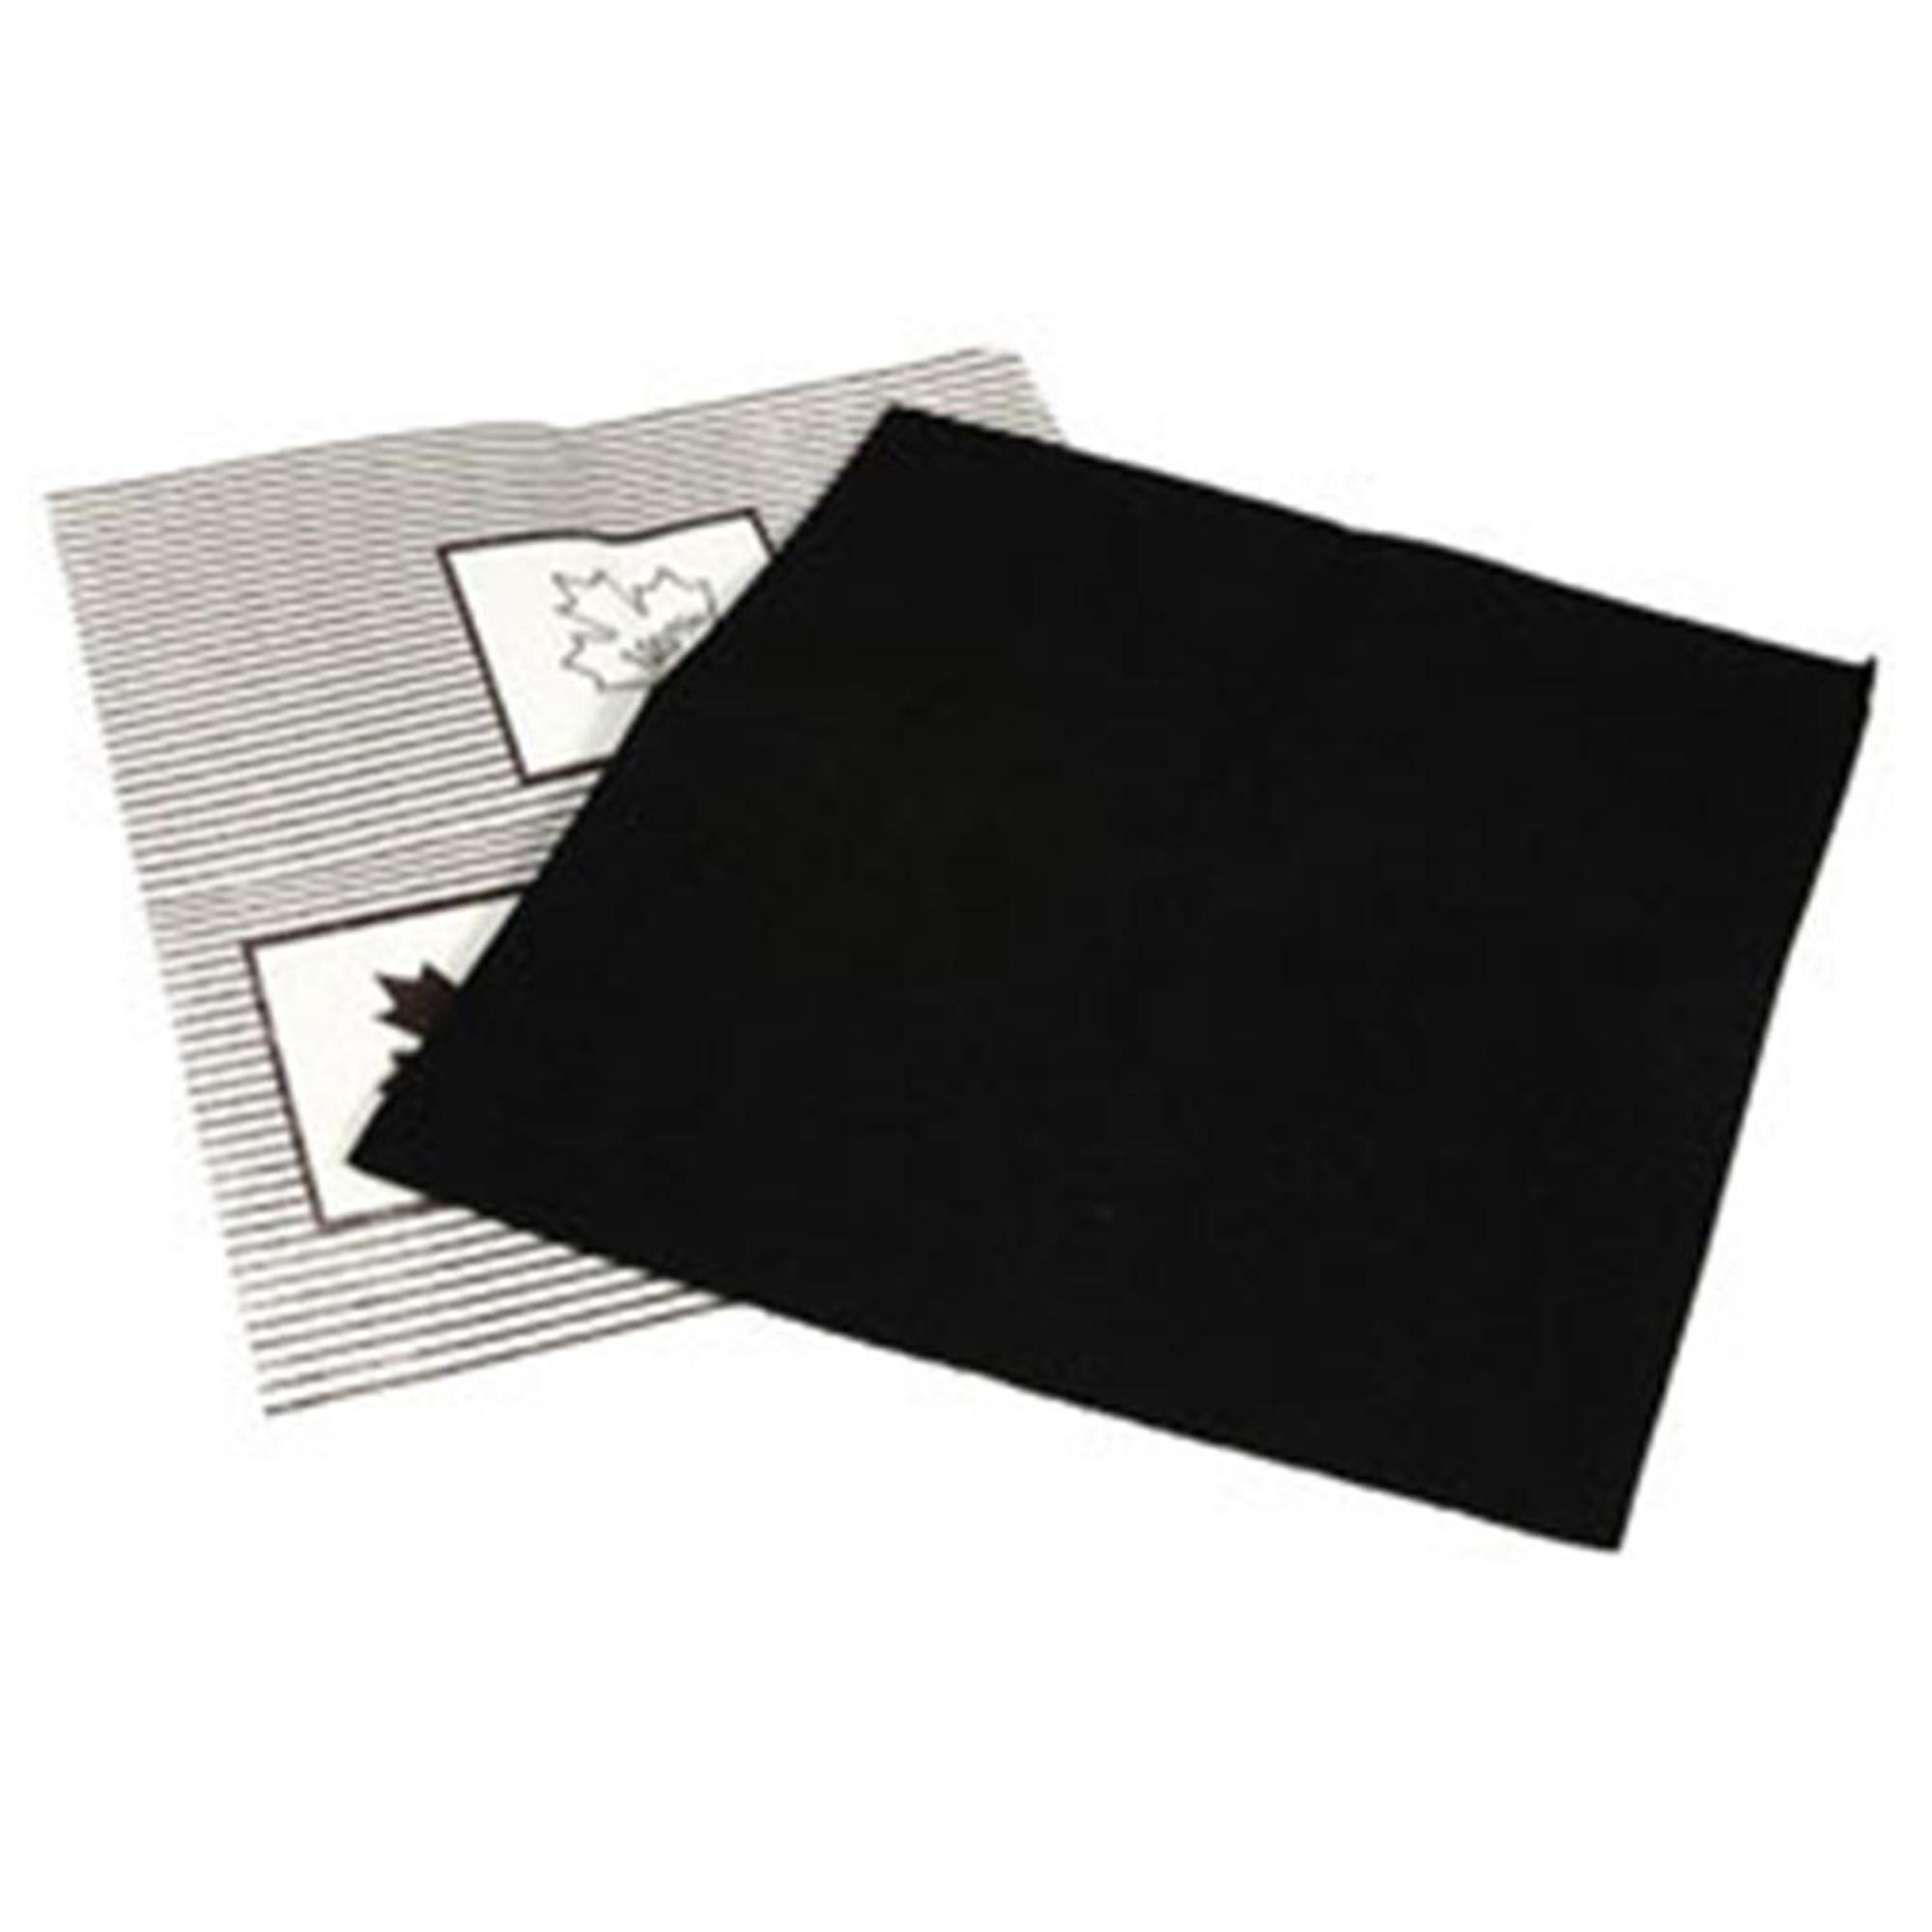 Universaalsed filtrid fritüürile Scanpart 33x29,6 cm